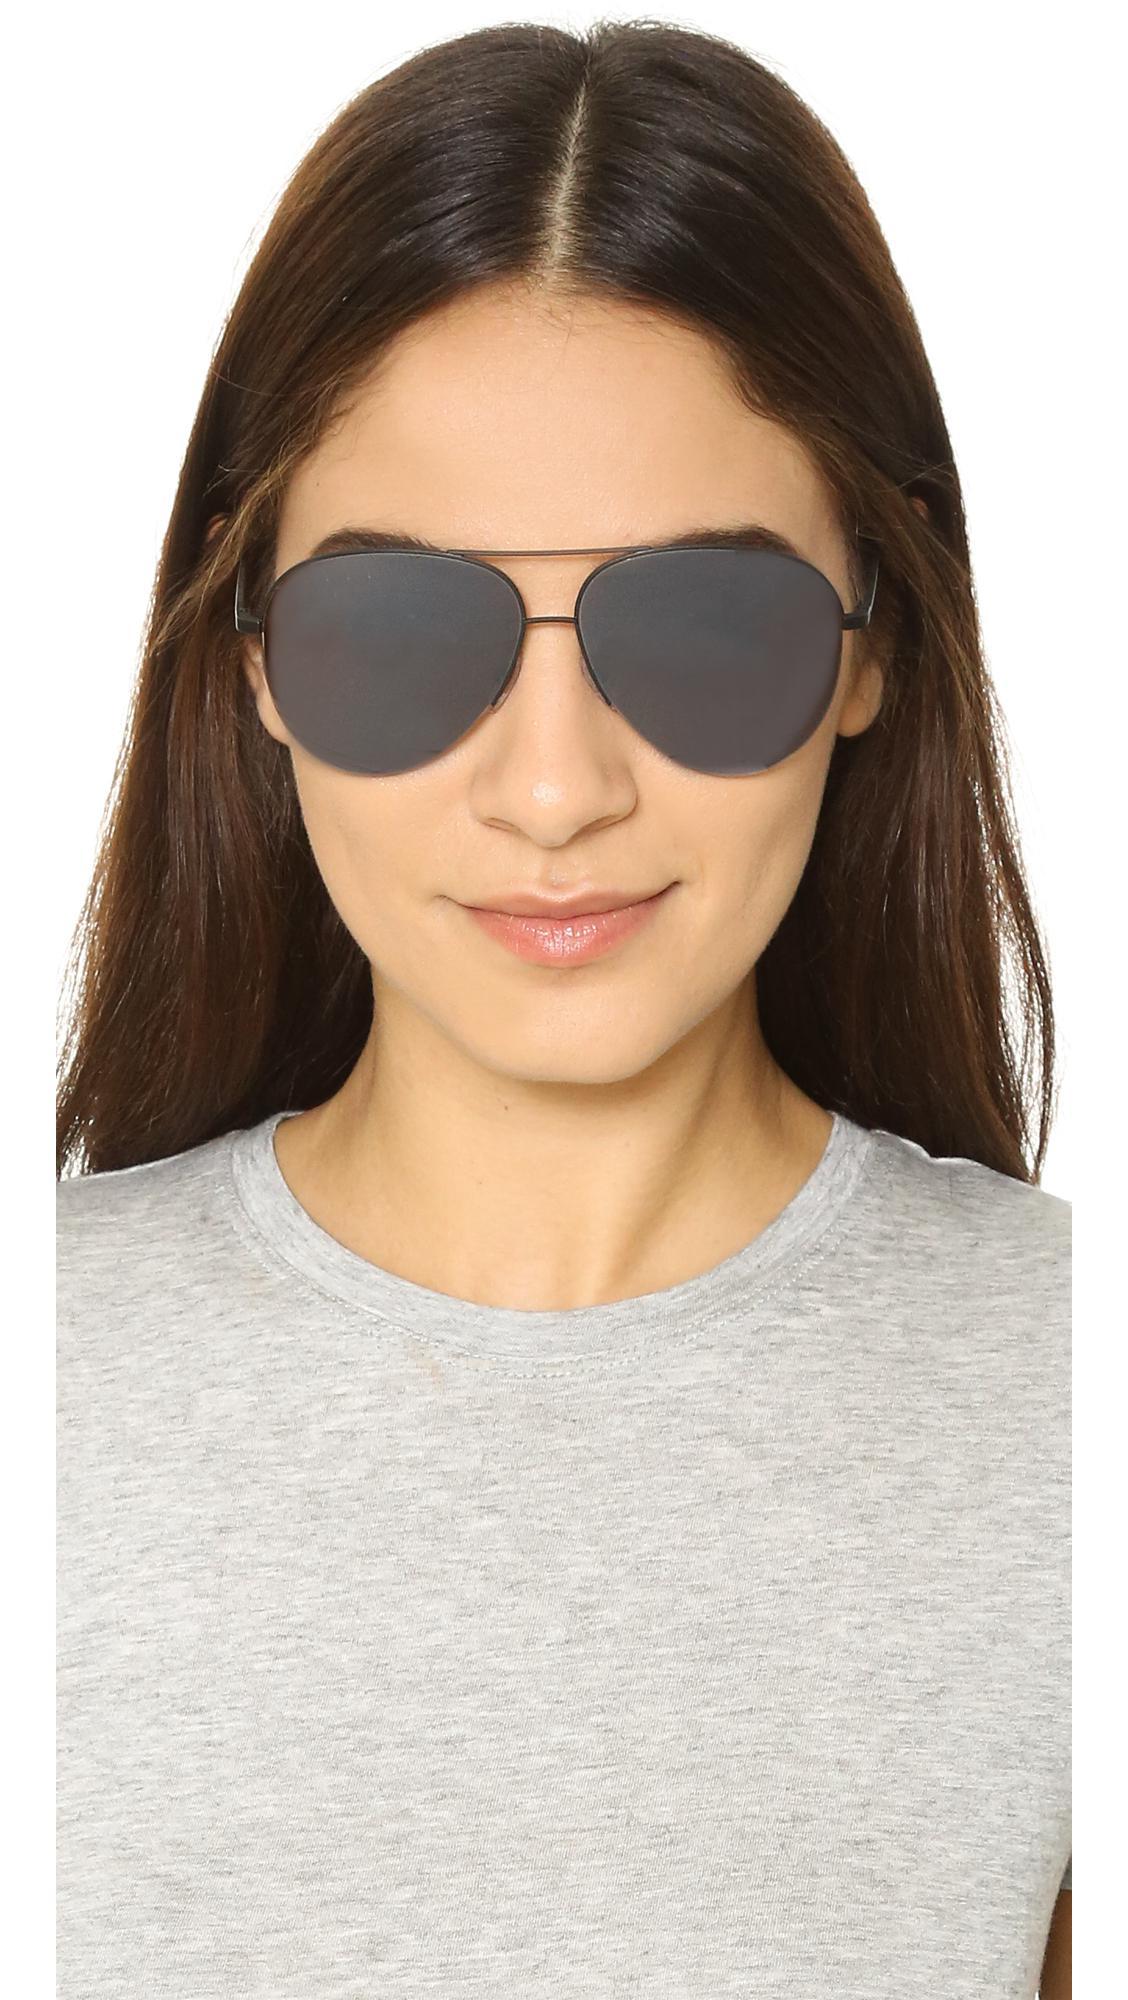 af0cc47d6a8a1 Victoria Beckham Classic Victoria Aviator Sunglasses in Black - Lyst